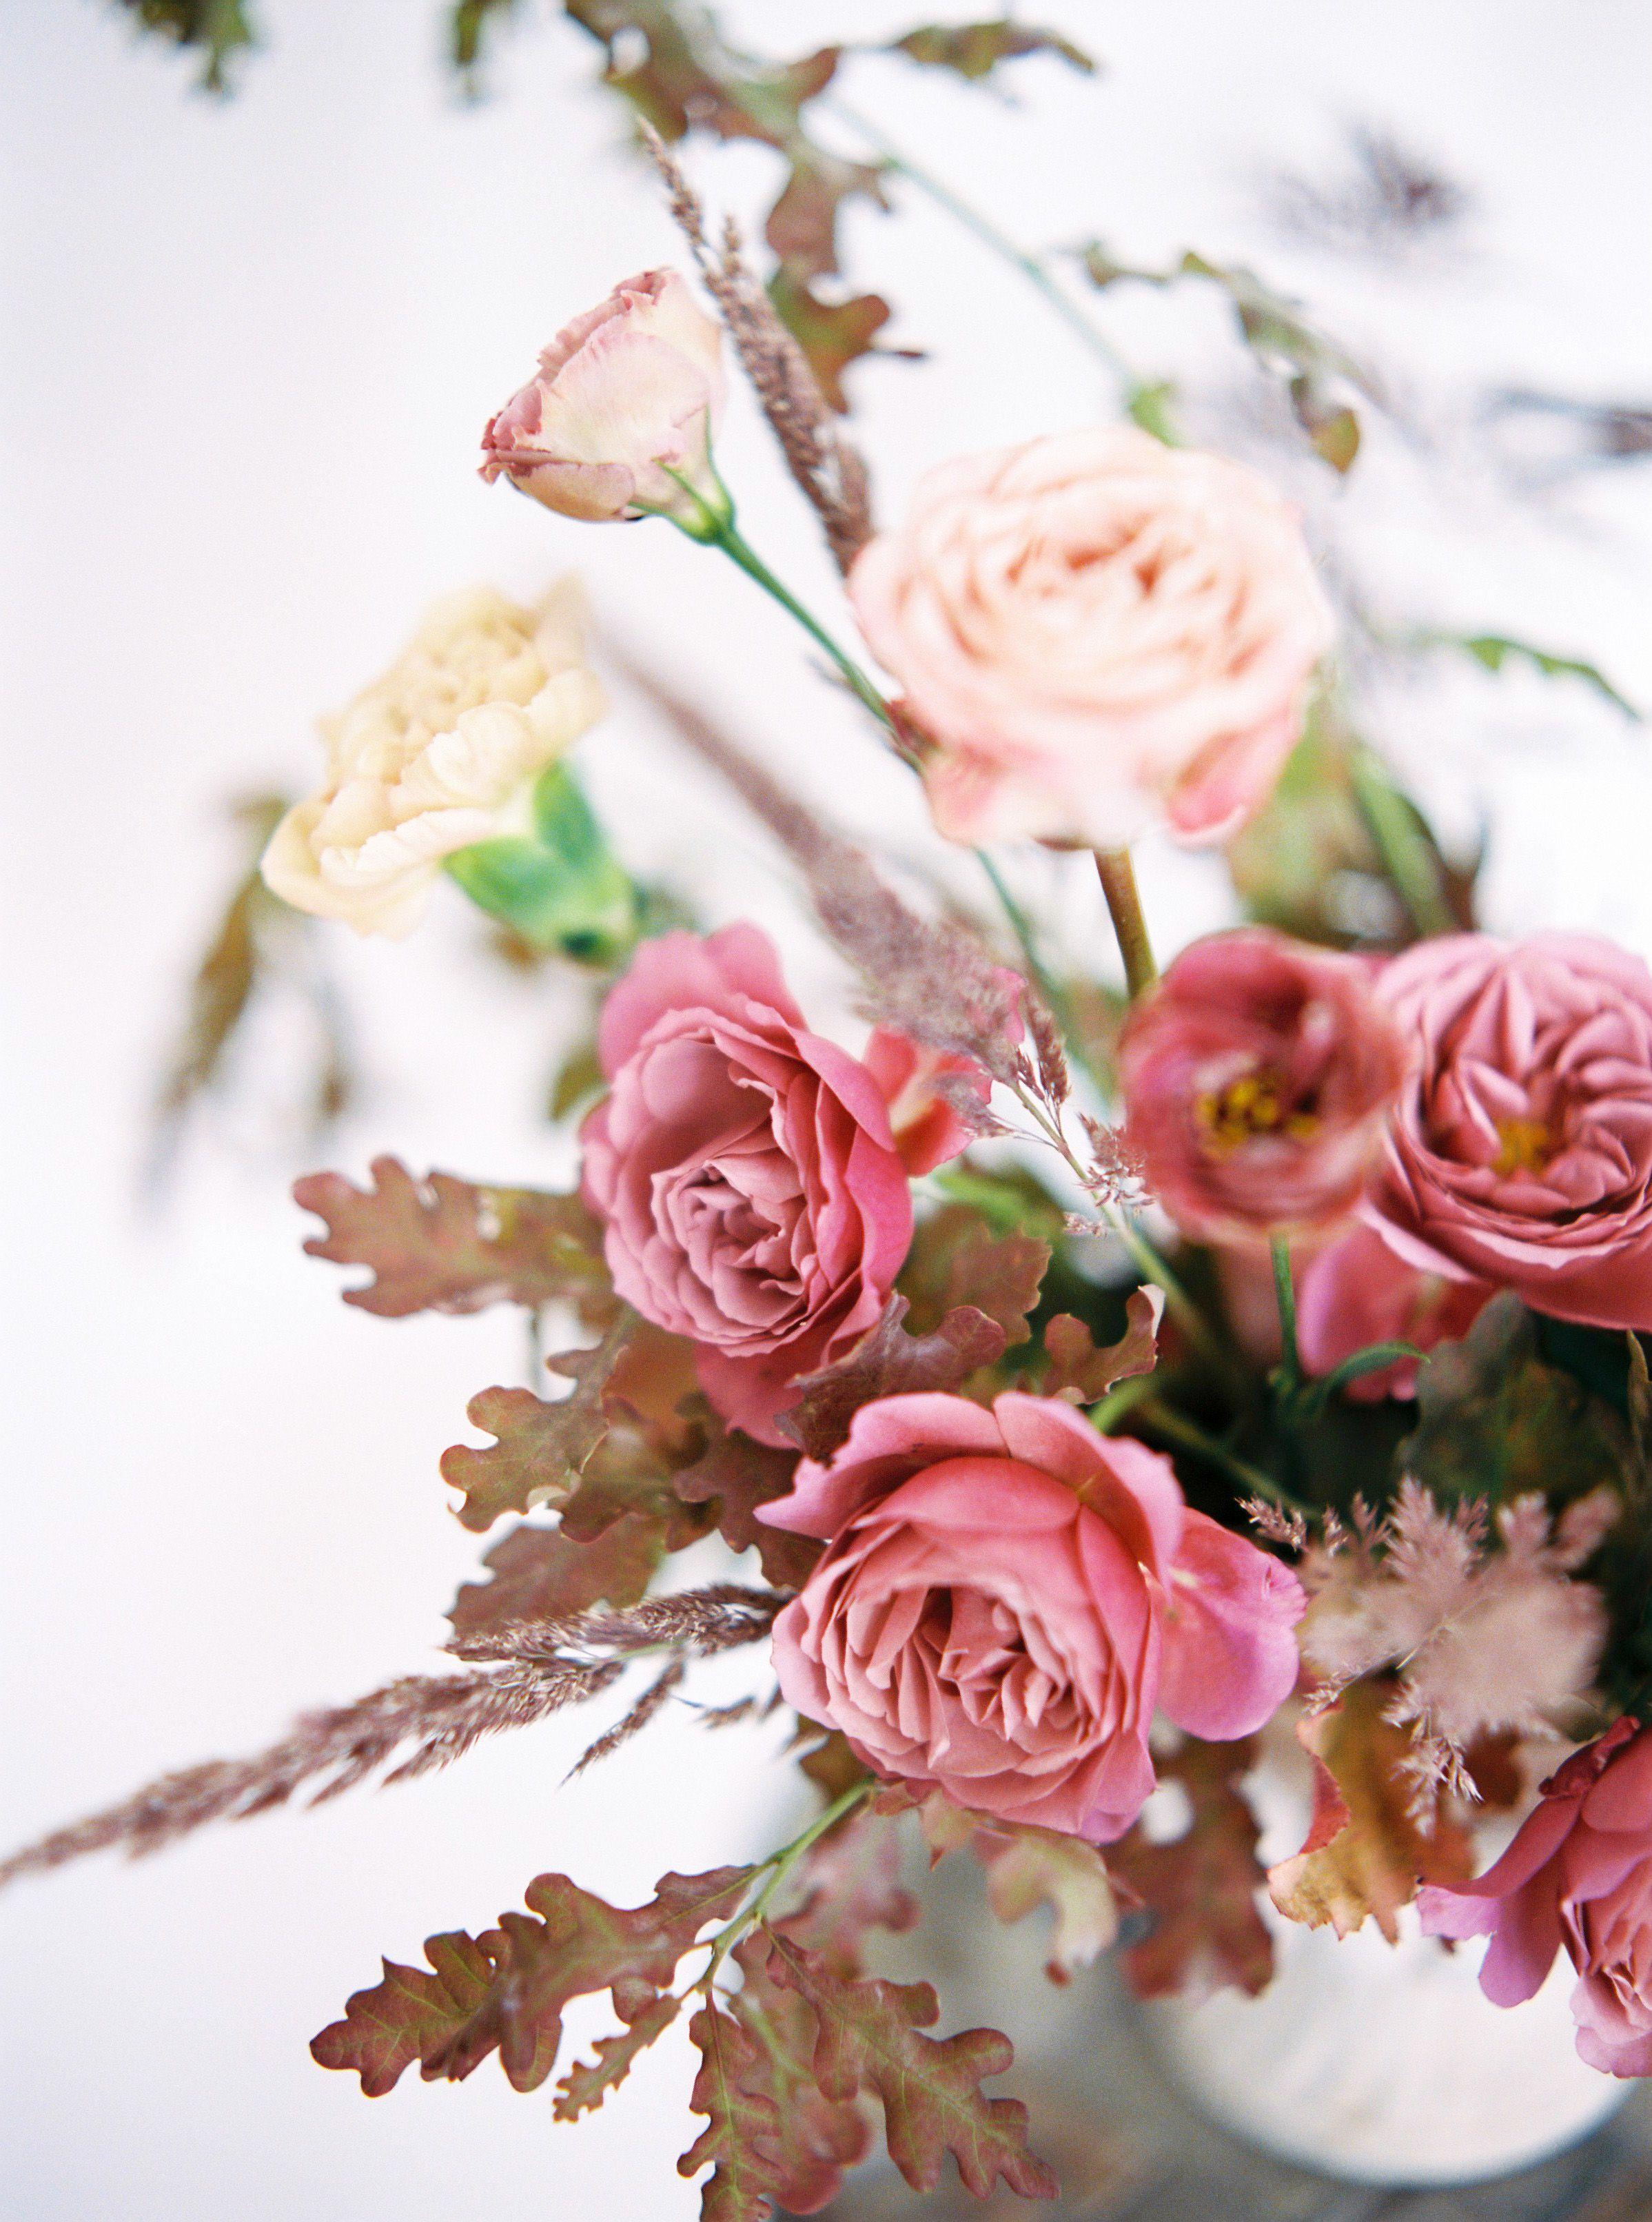 Roze Eustomy Gozdziki Liscie Debu I Polne Trawy Floral Floral Wreath Flowers